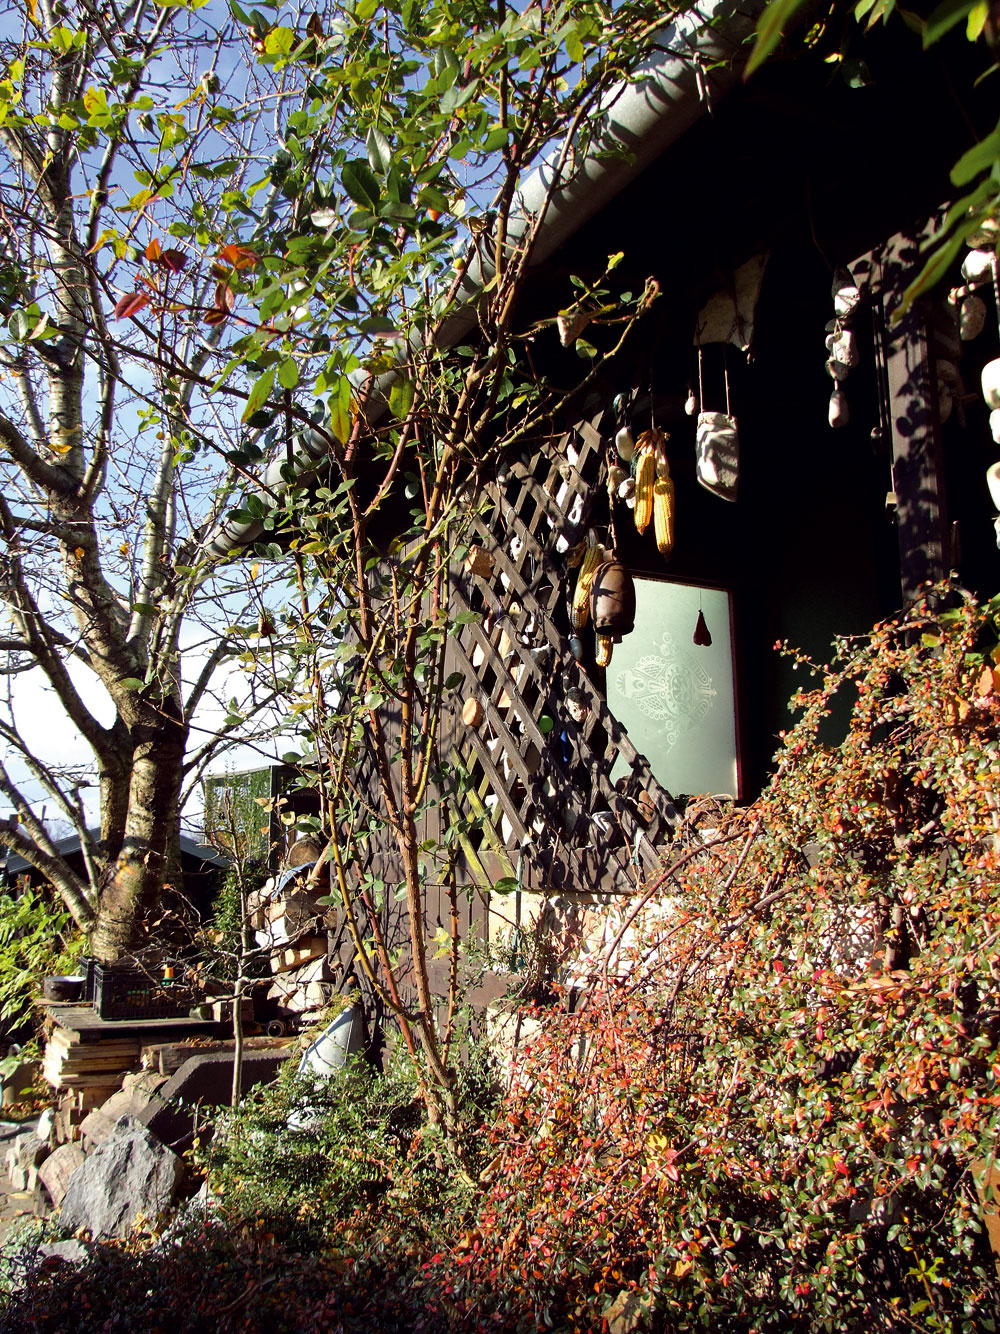 Vkroví pod čerešňou si ustlala veranda vymurovaná zciachovaných tehál. Spletaná skríkmi šikmým latovaním vstupuje do starých príbehov odomoch, ktoré vyrástli zo záhrad.